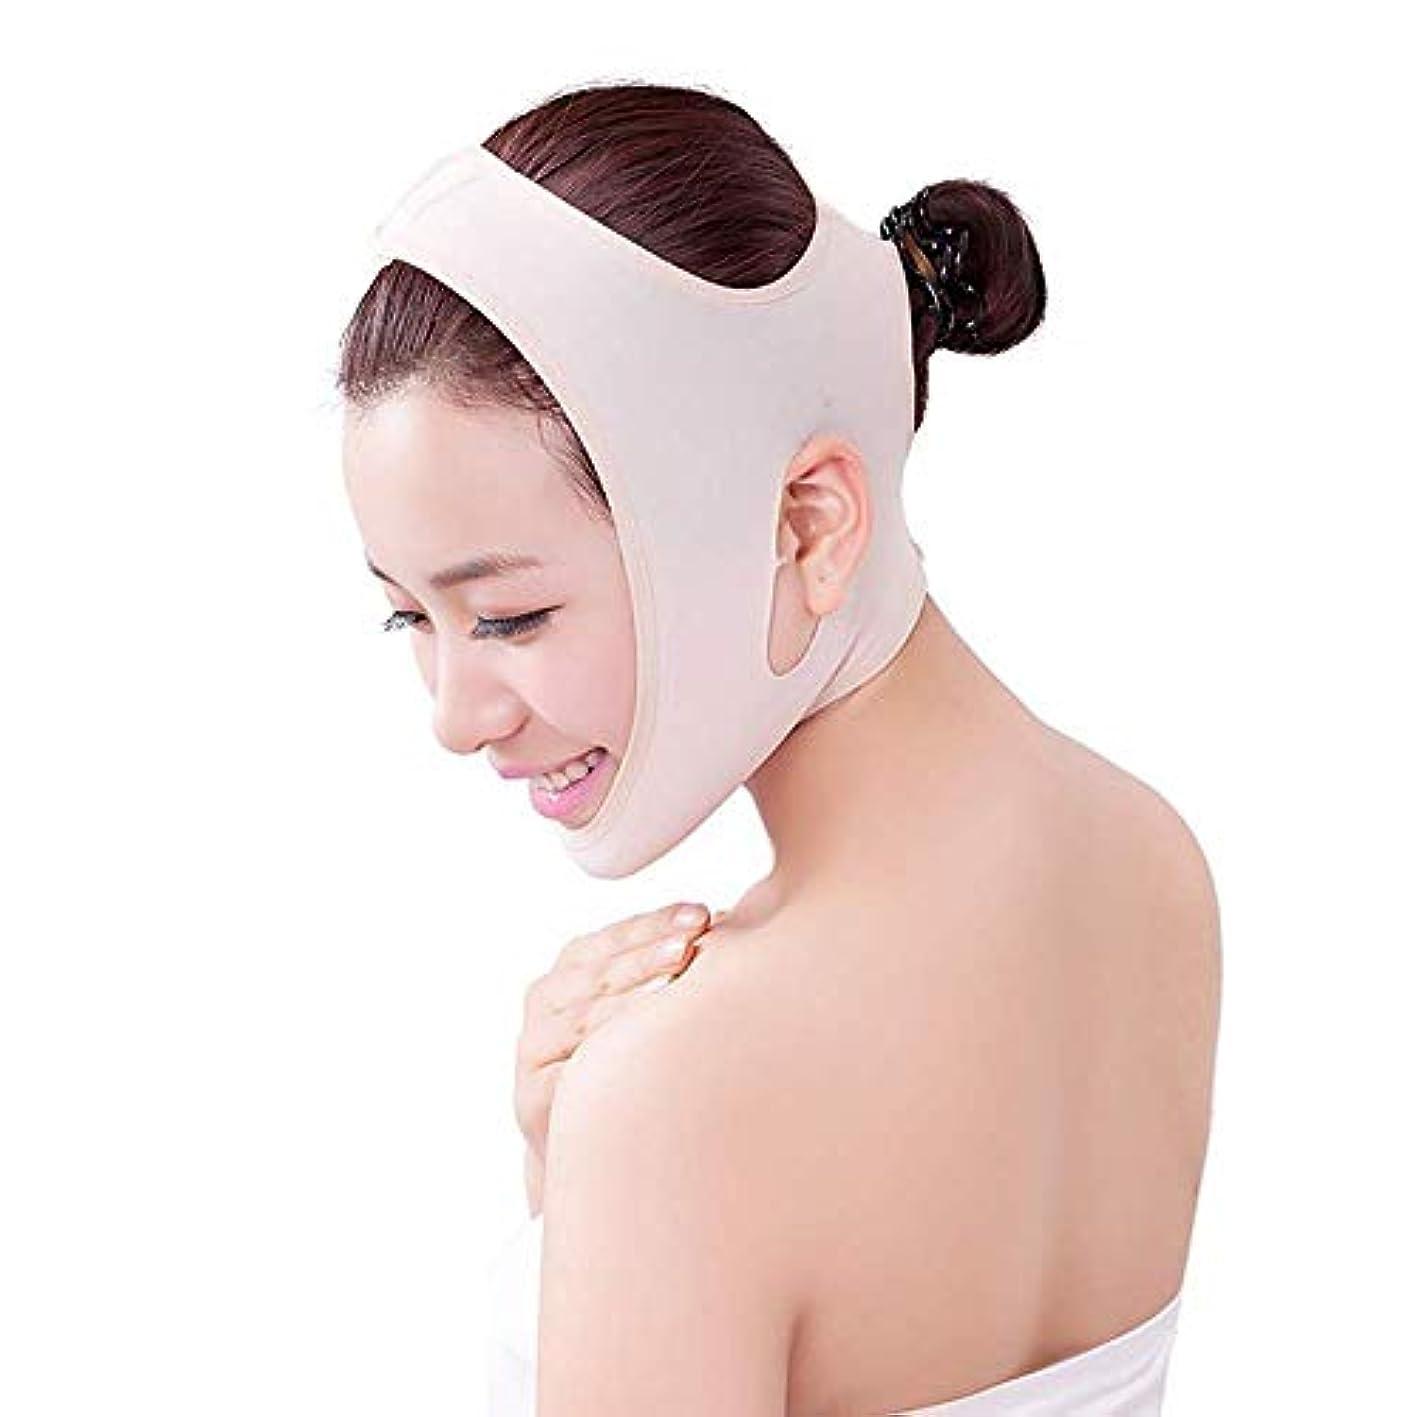 睡眠絶望的な非武装化薄型フェイスベルト - 男性用および女性用の包帯をフランスの顔用リフティングマスク器具に引き締める薄型フェイスVフェイス薄型ダブルチンフェイスリフティングベルト(サイズ:M),L